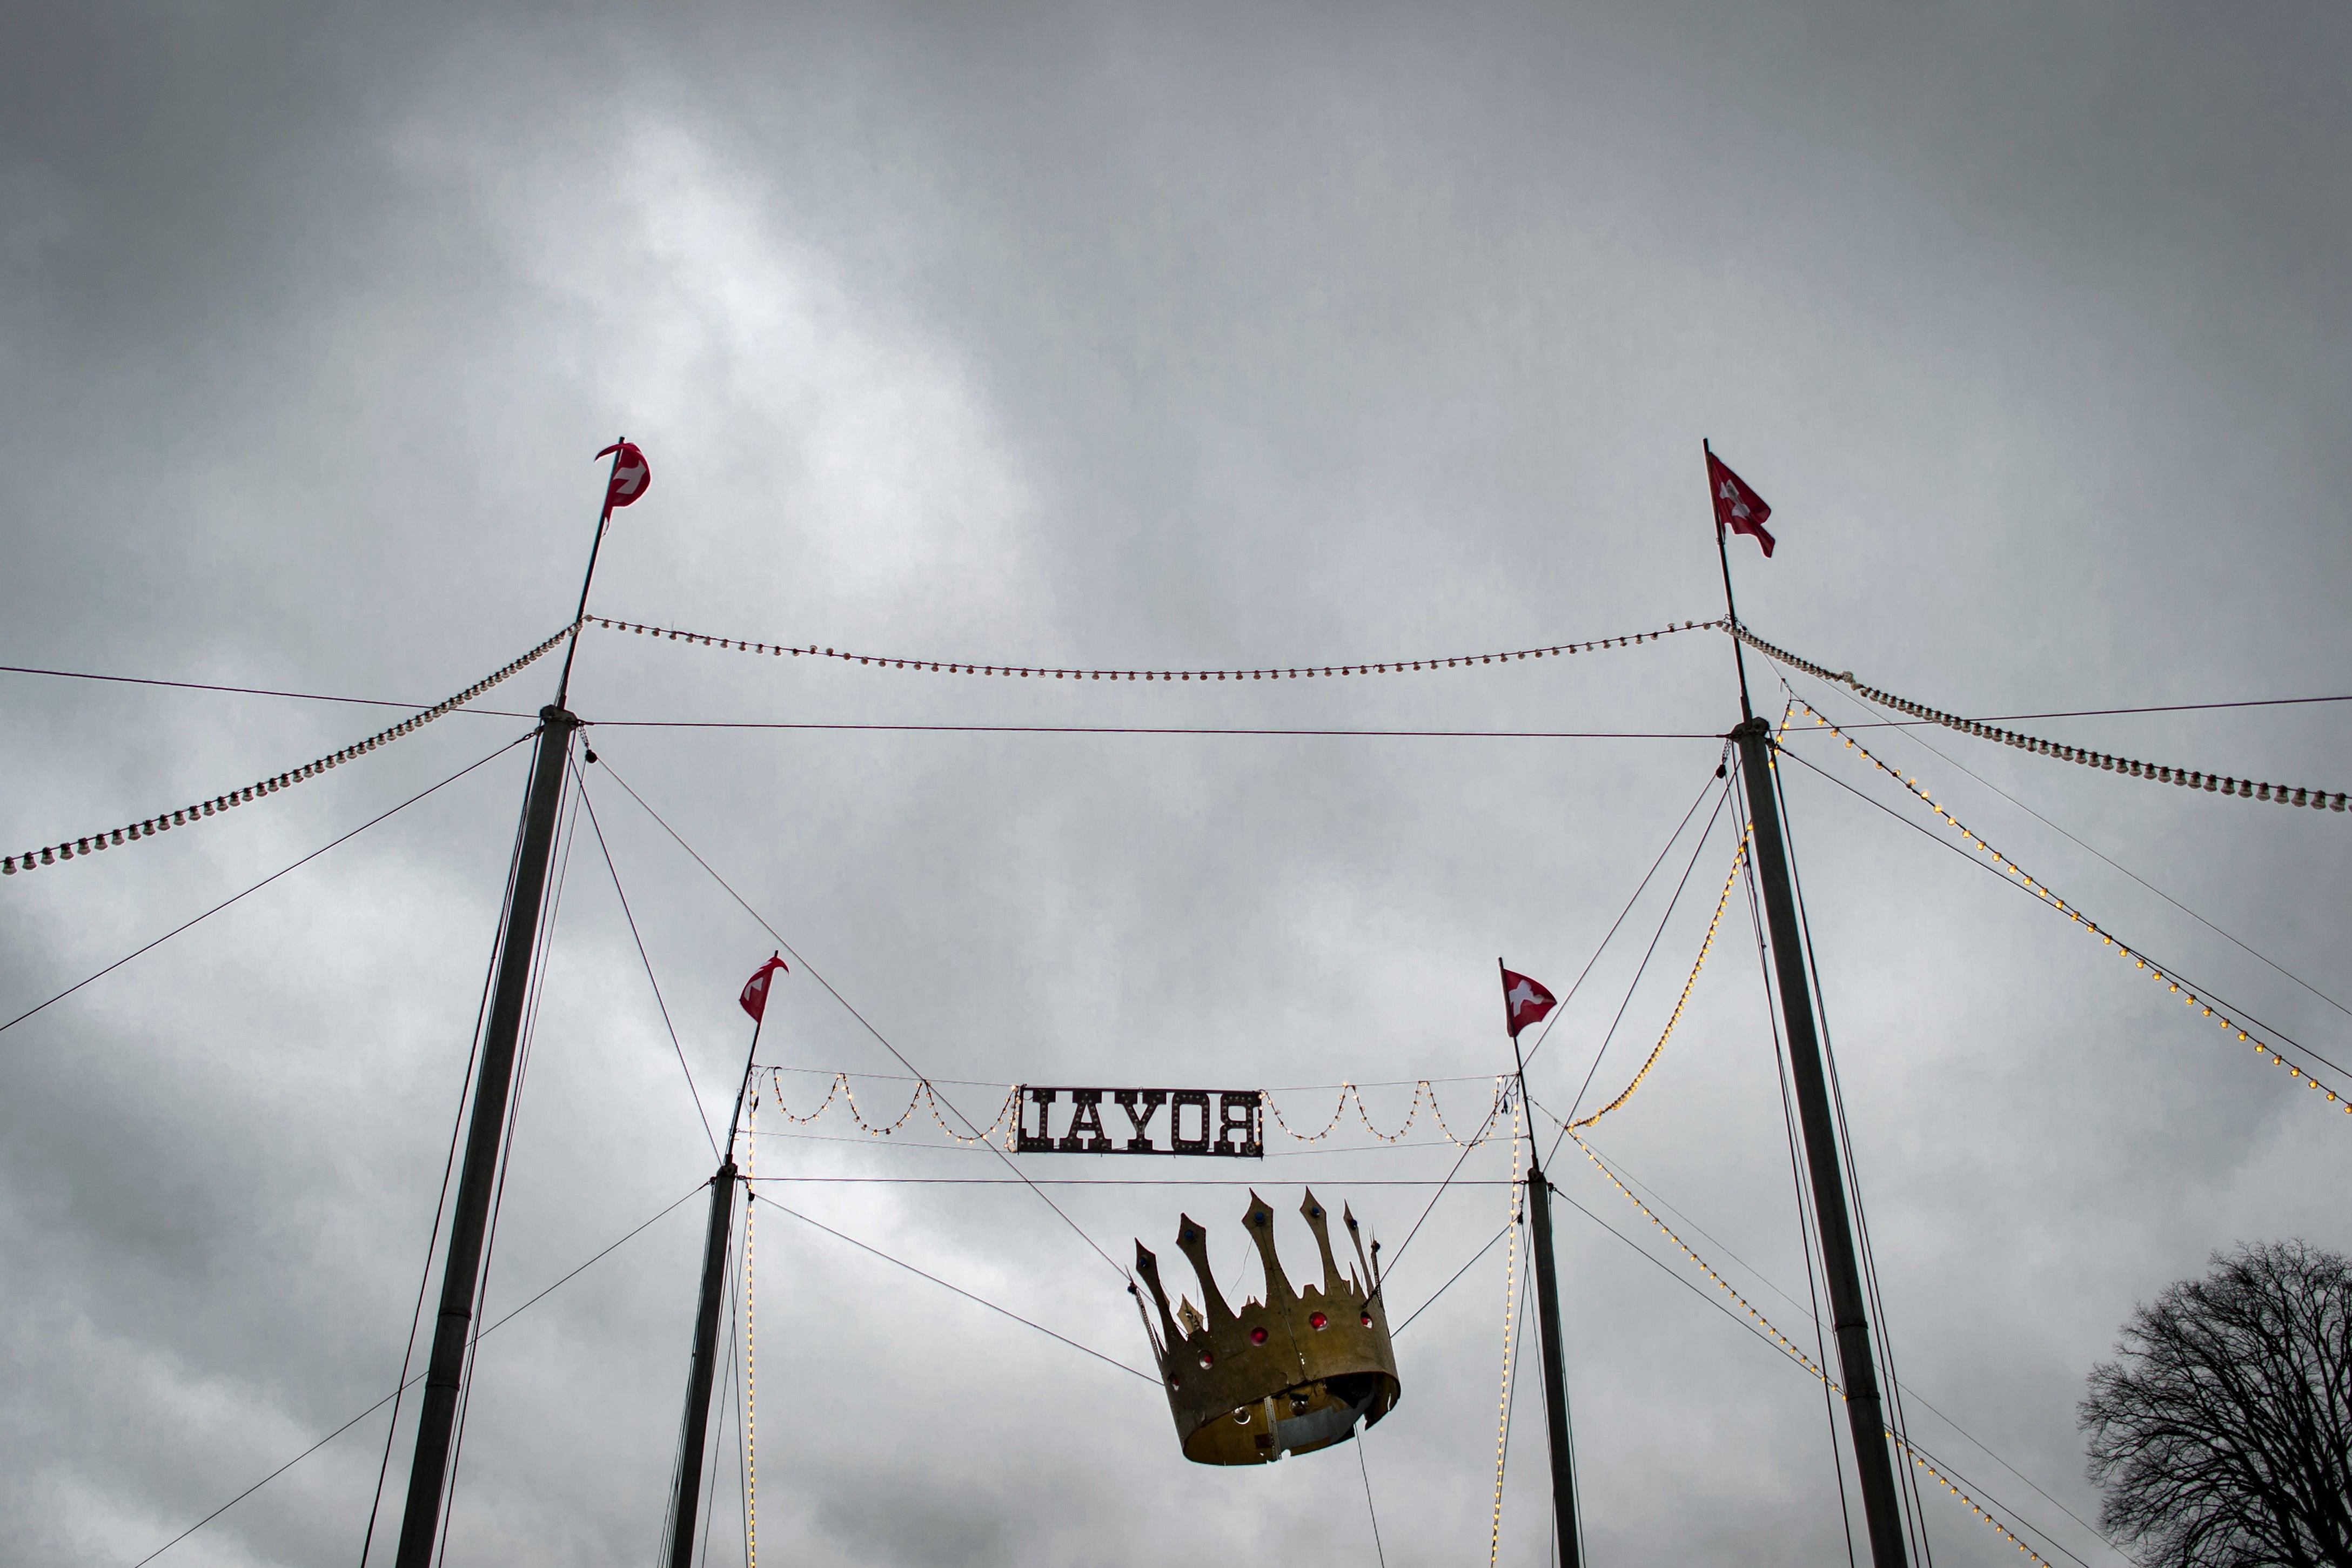 Die Krone h&aumlngt schief: &Uumlber dem Circus Royal sind dunkle Wolken aufgezogen.